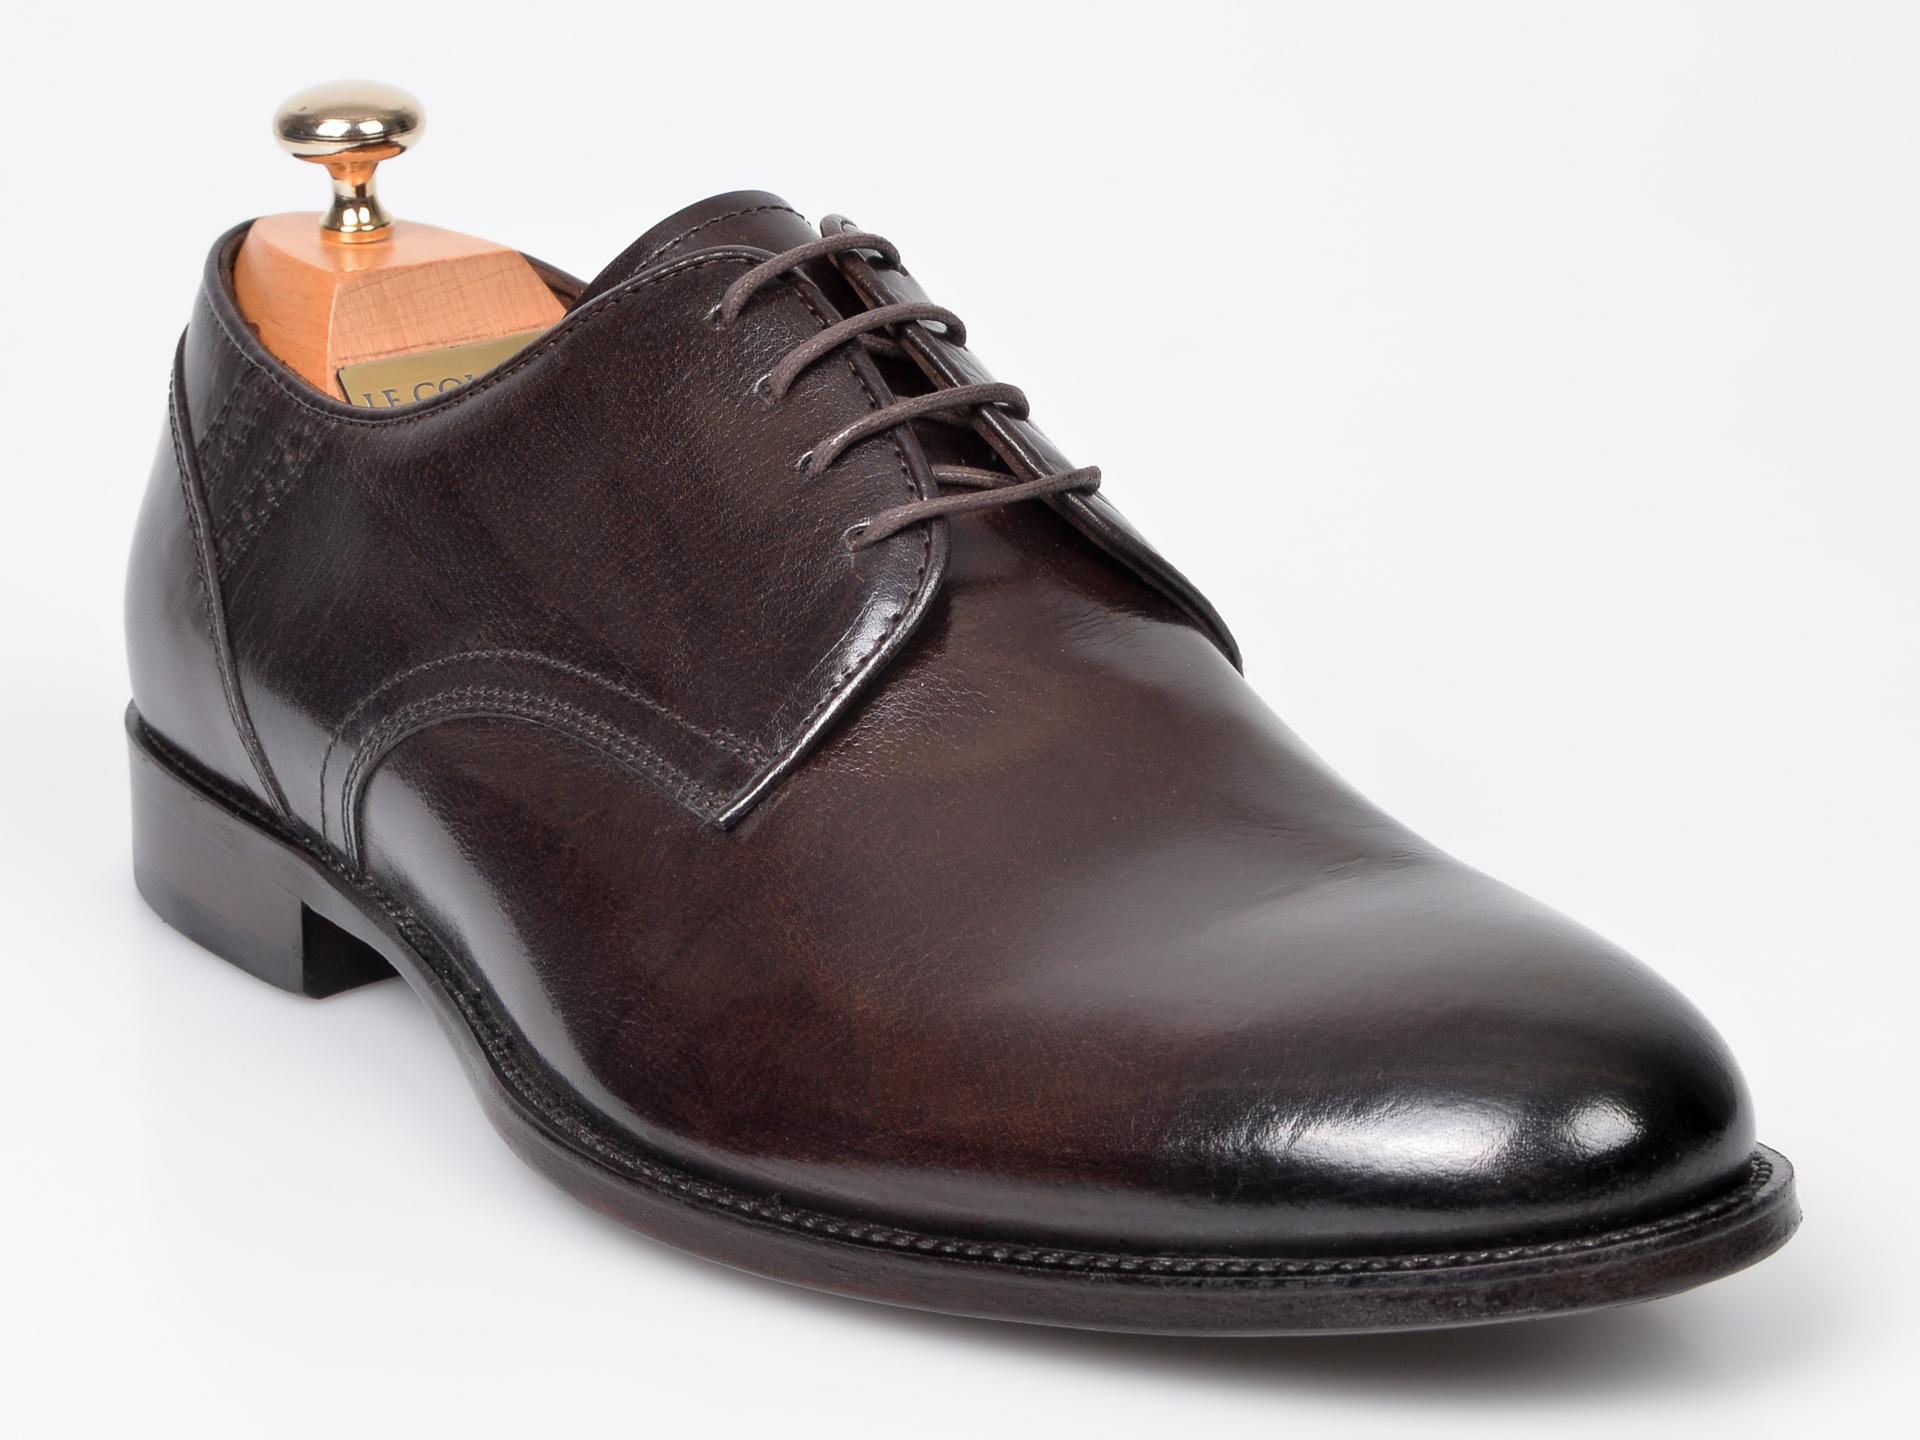 Pantofi Le Colonel Maro, 45248, Din Piele Naturala